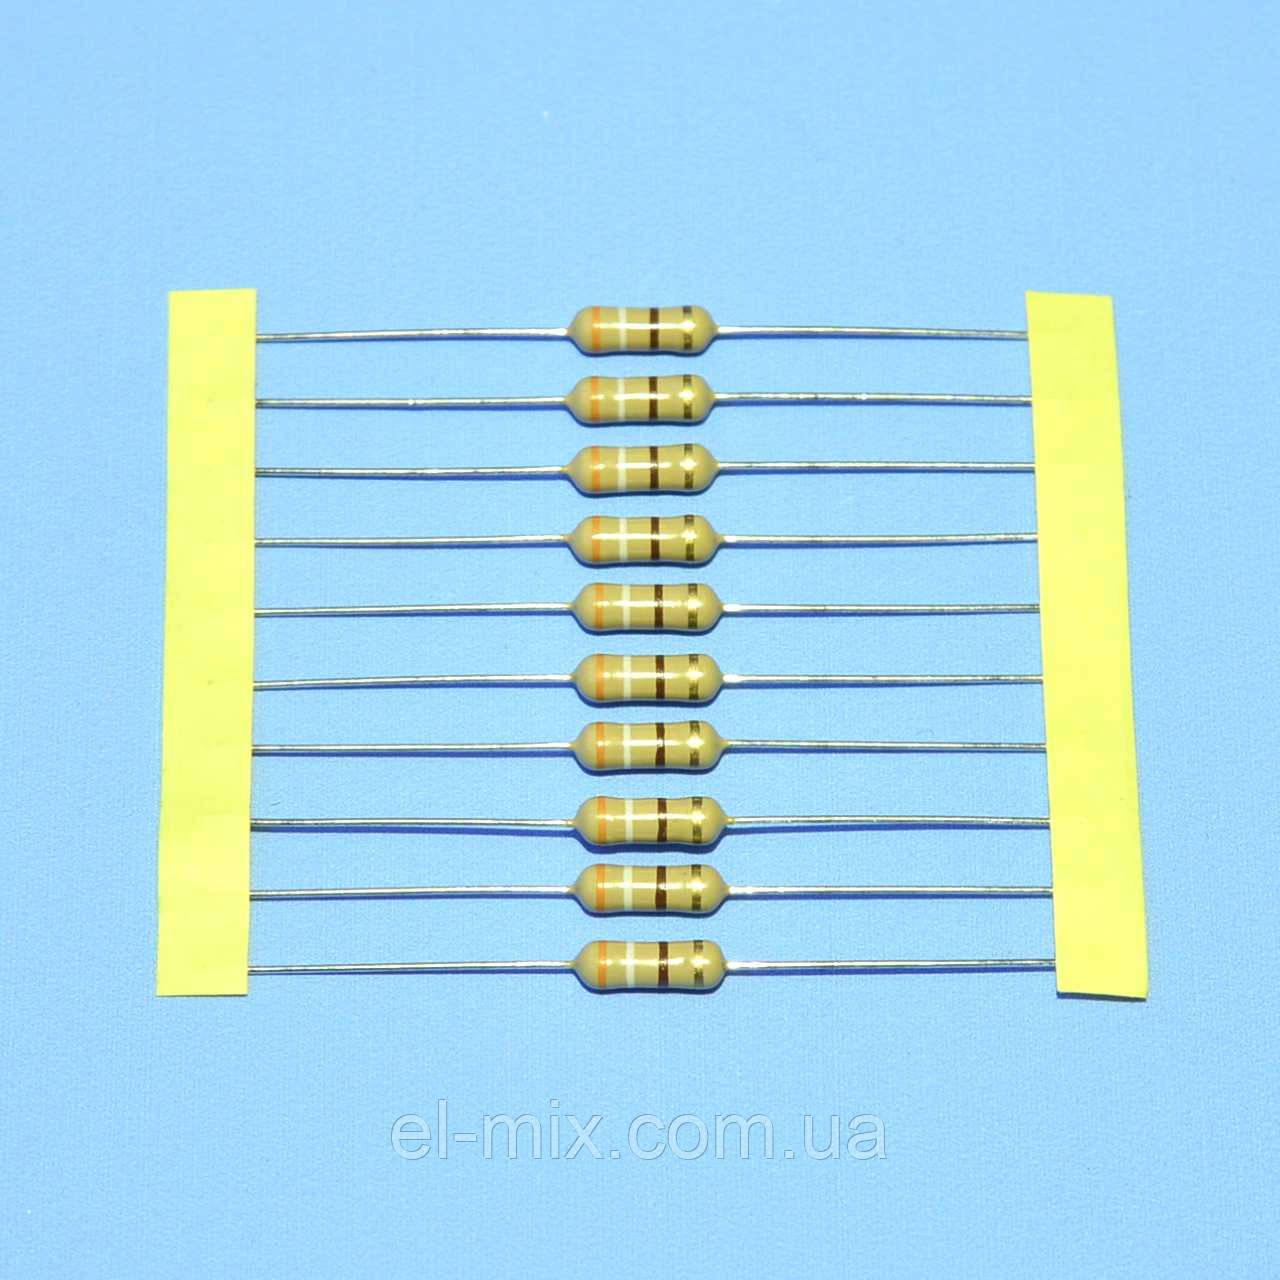 Резистор 1Вт 620 Om 5% CFR d5 L12 стрічка Royal Ohm